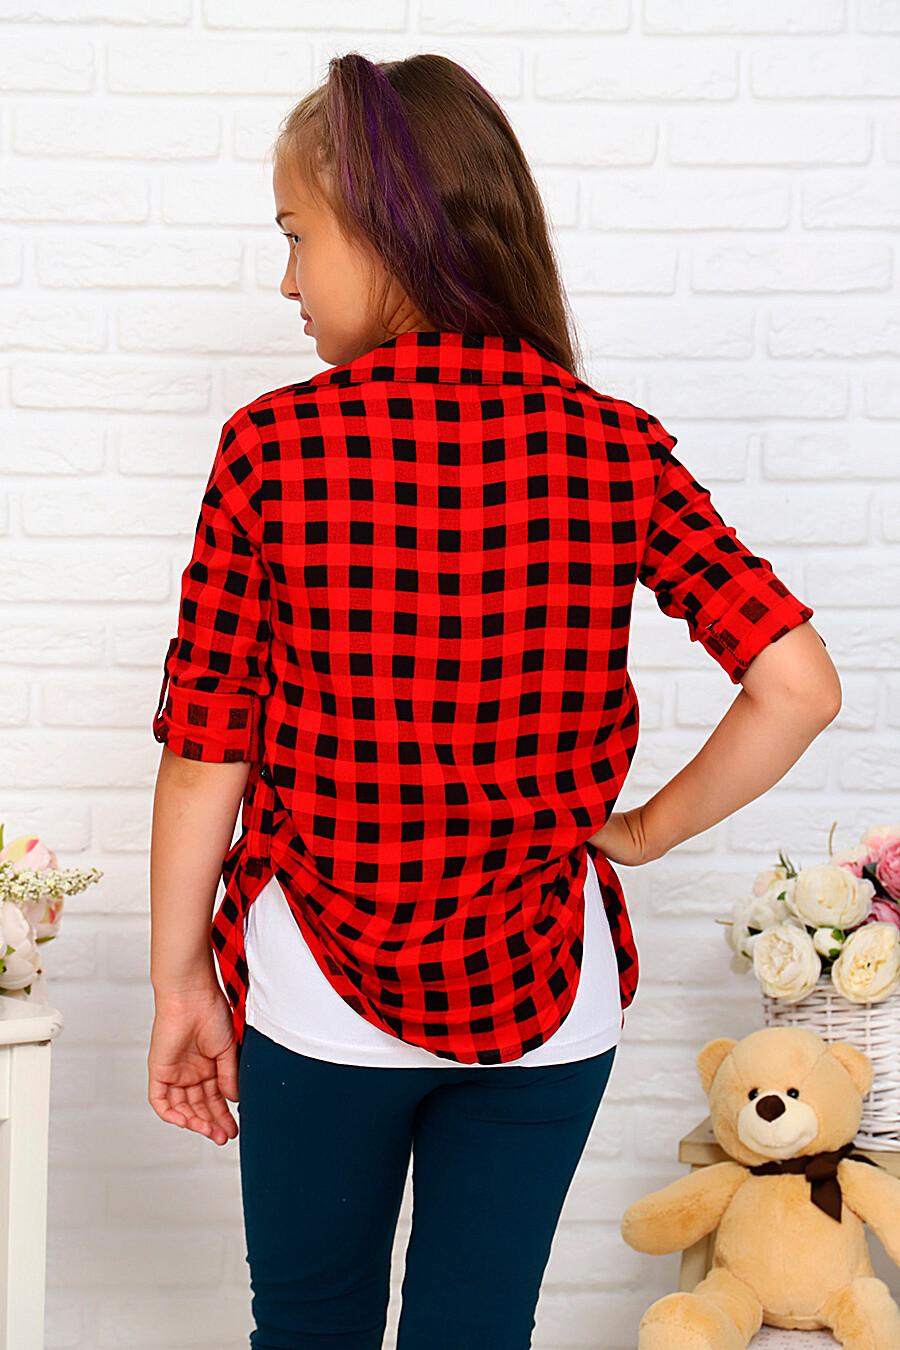 Комплект(Рубашка+майка) для девочек SOFIYA37 667892 купить оптом от производителя. Совместная покупка детской одежды в OptMoyo